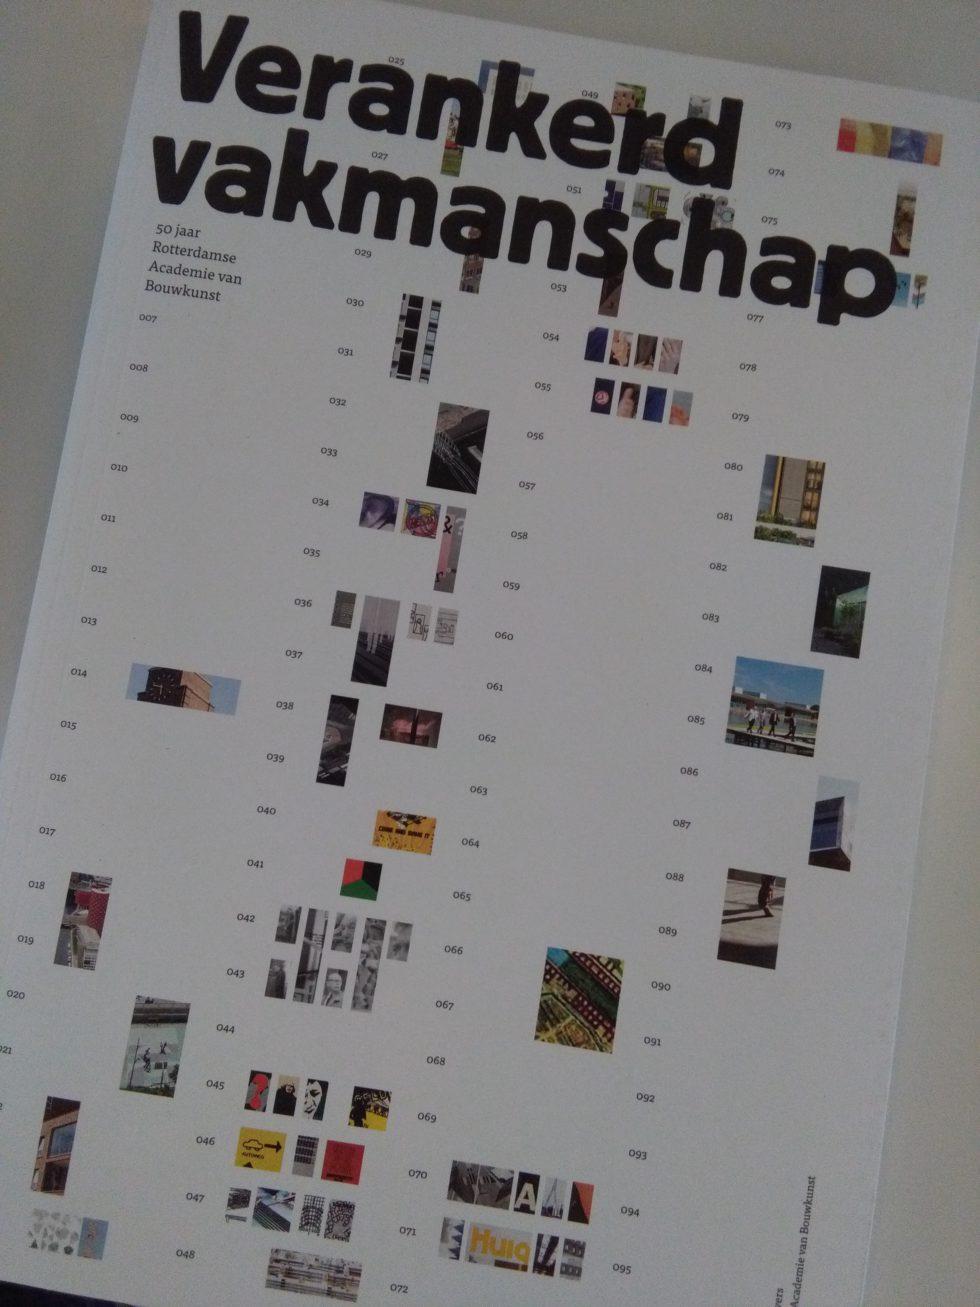 Aanwinst 3: Verankerd Vakmanschap. 50 jaar Rotterdamse Academie van Bouwkunst